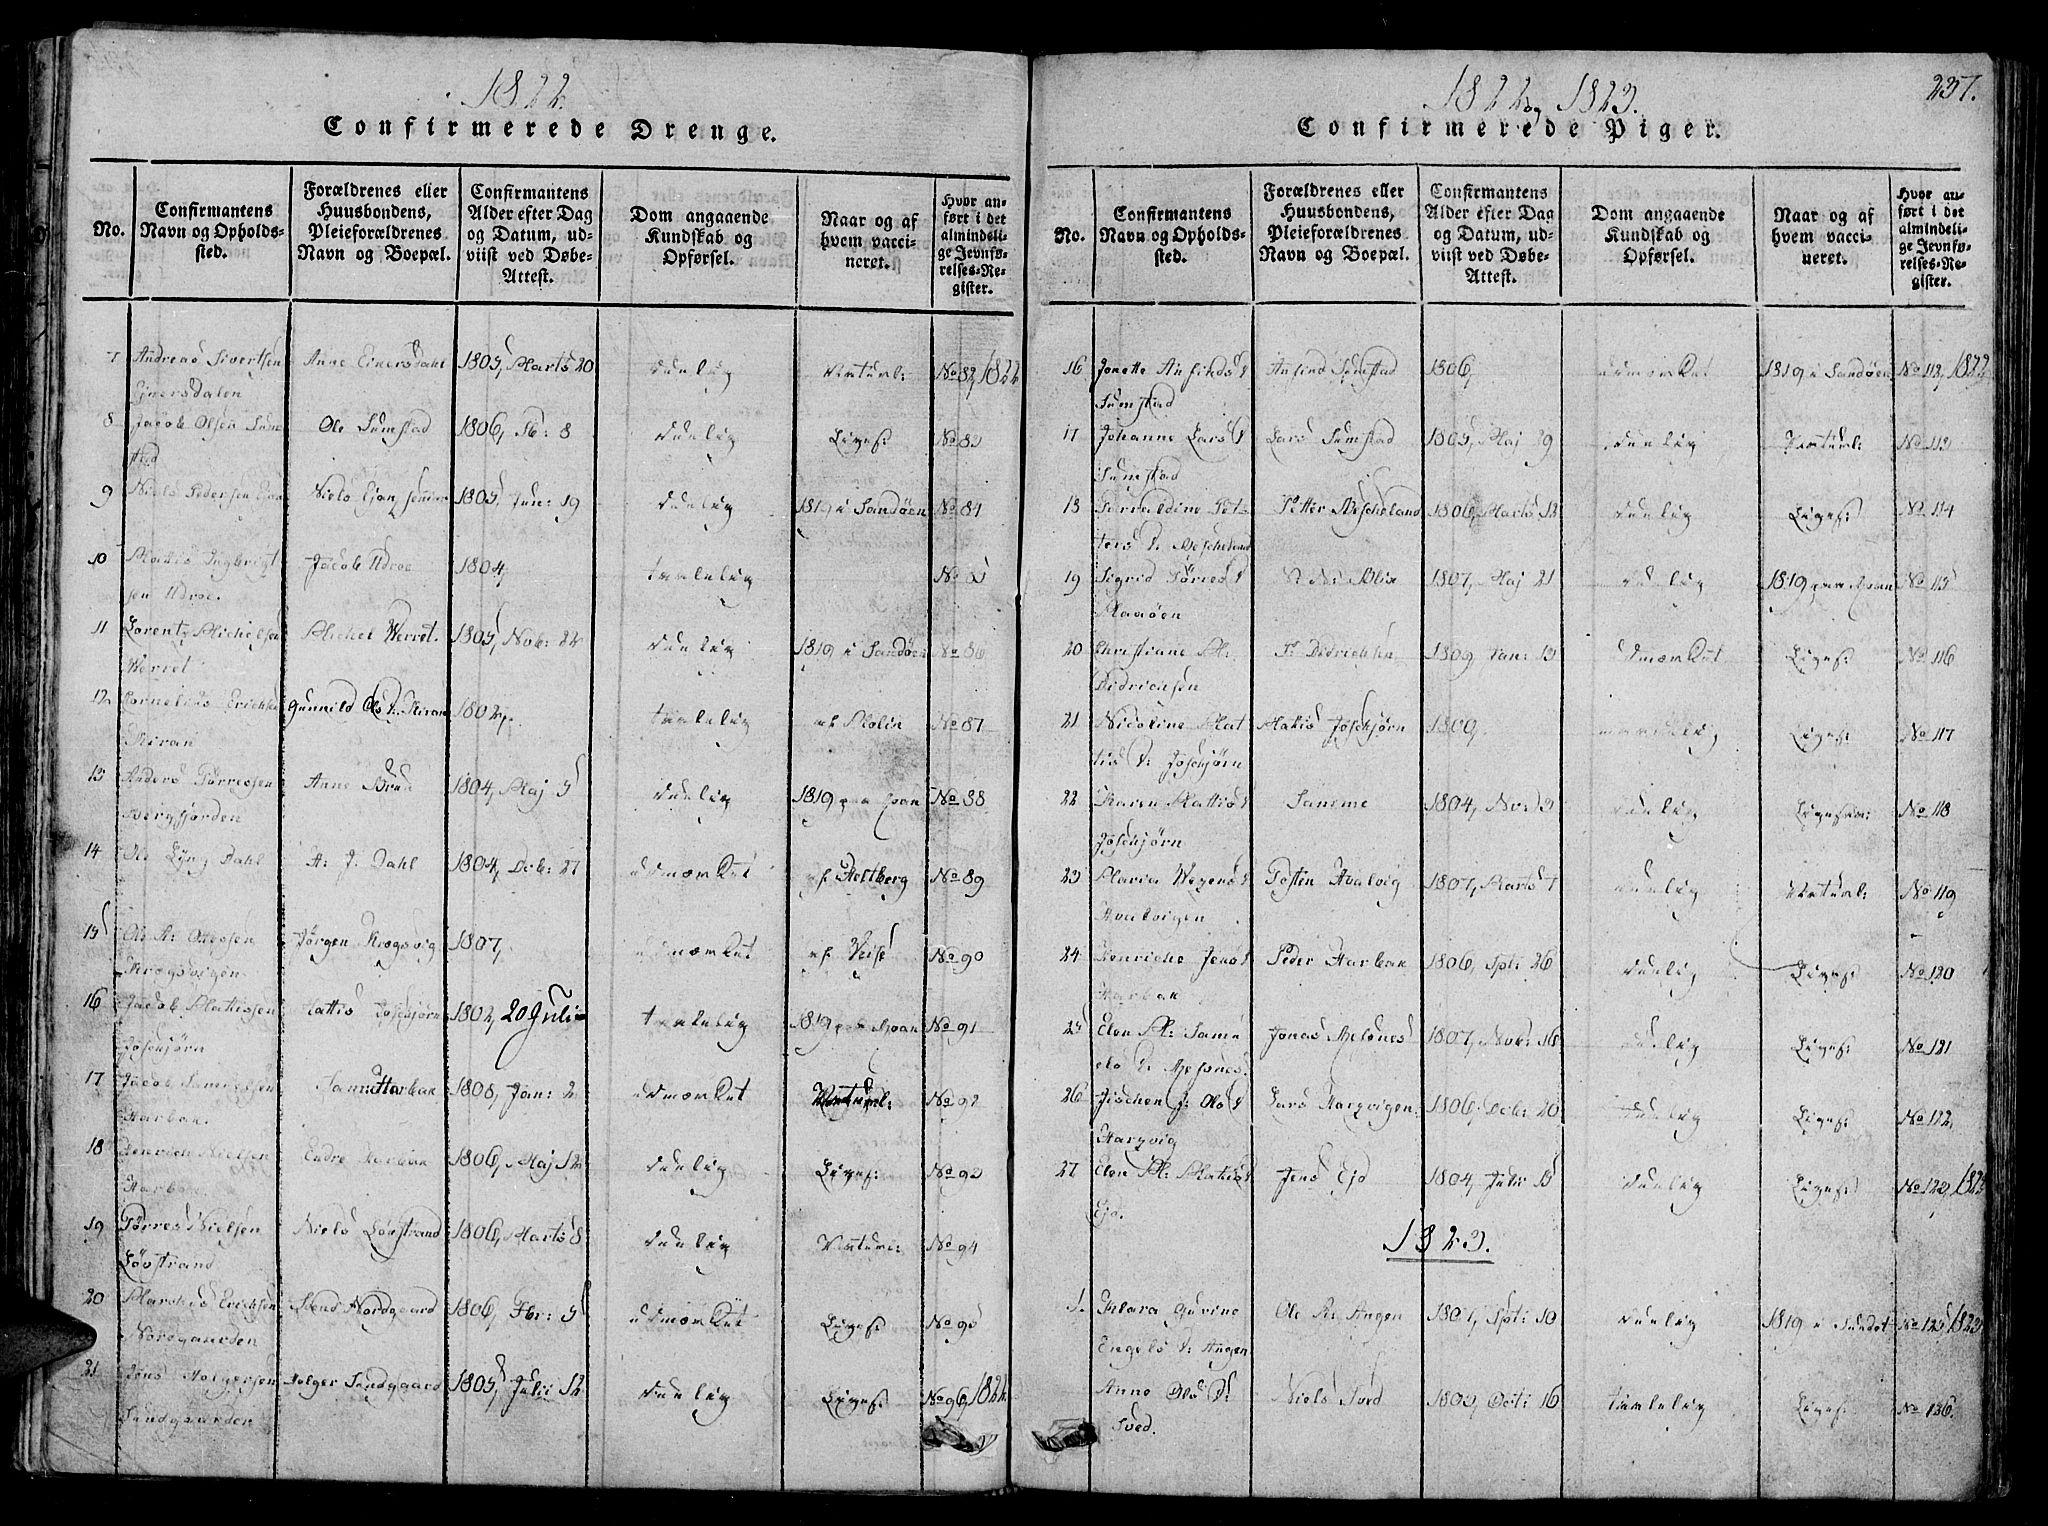 SAT, Ministerialprotokoller, klokkerbøker og fødselsregistre - Sør-Trøndelag, 657/L0702: Ministerialbok nr. 657A03, 1818-1831, s. 237